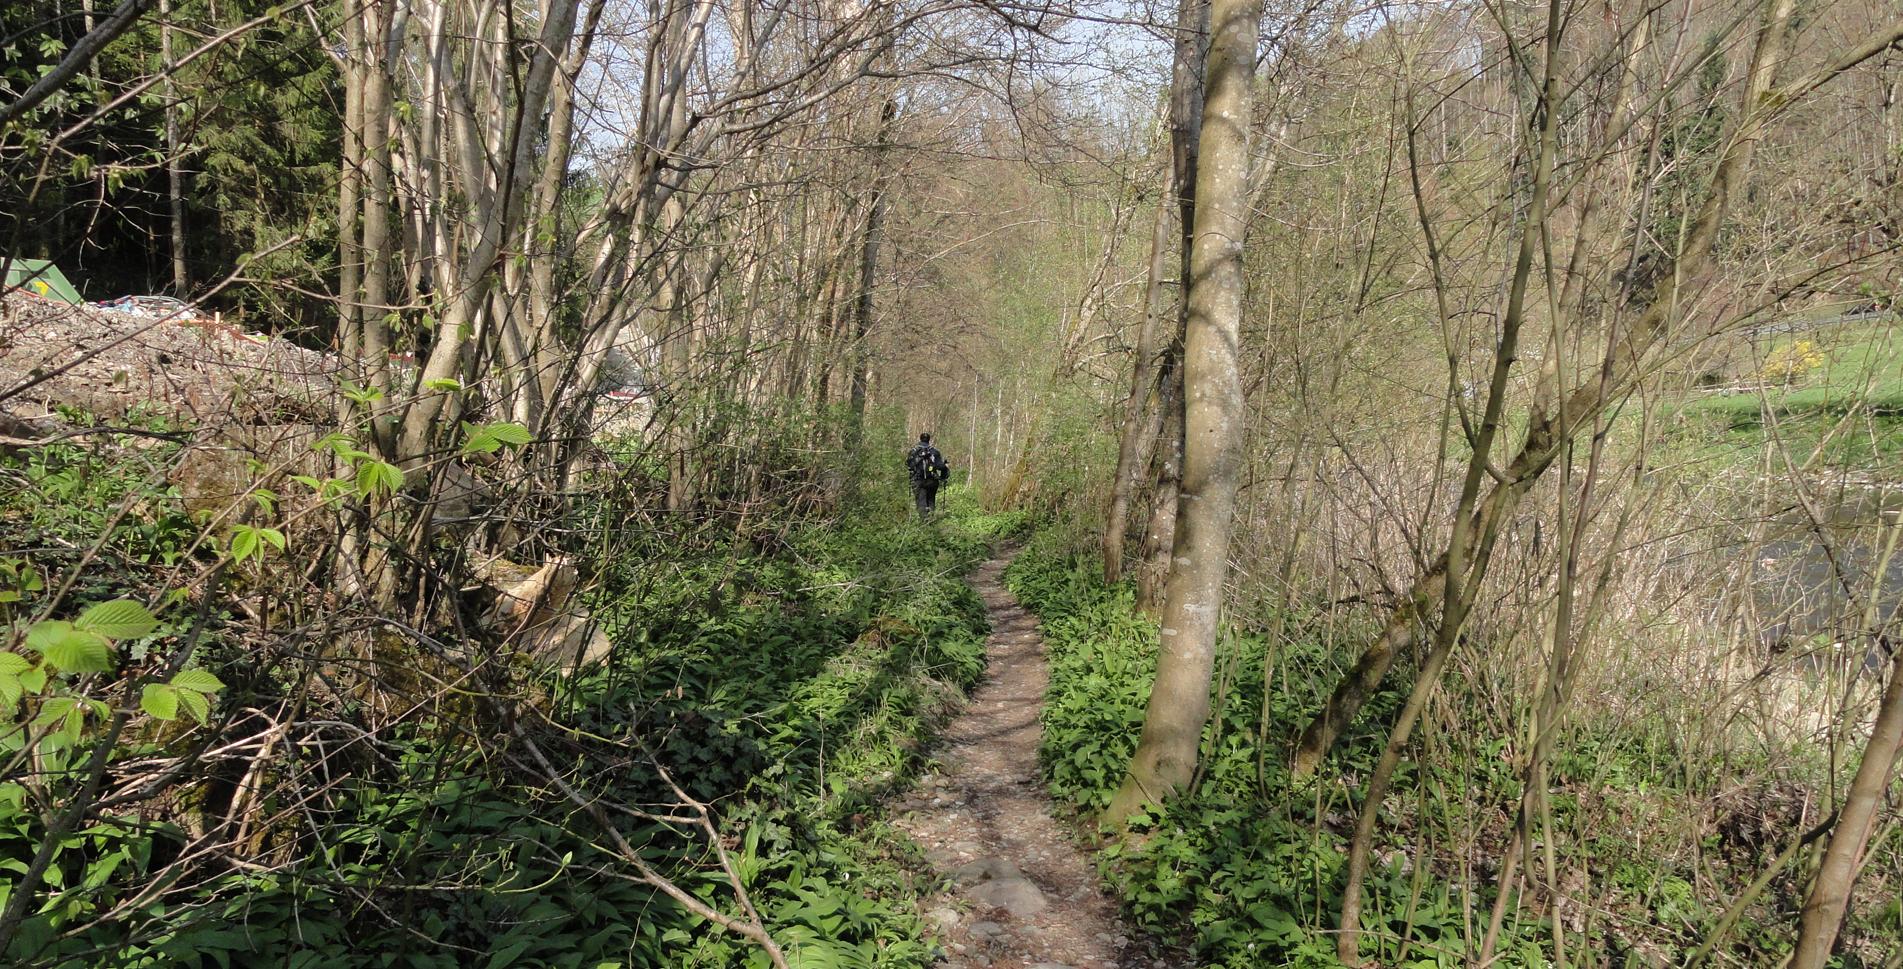 Wanderung im Sihlwald: Sihlbrugg Dorf – Sihlmatt – Sihlbrugg Dorf